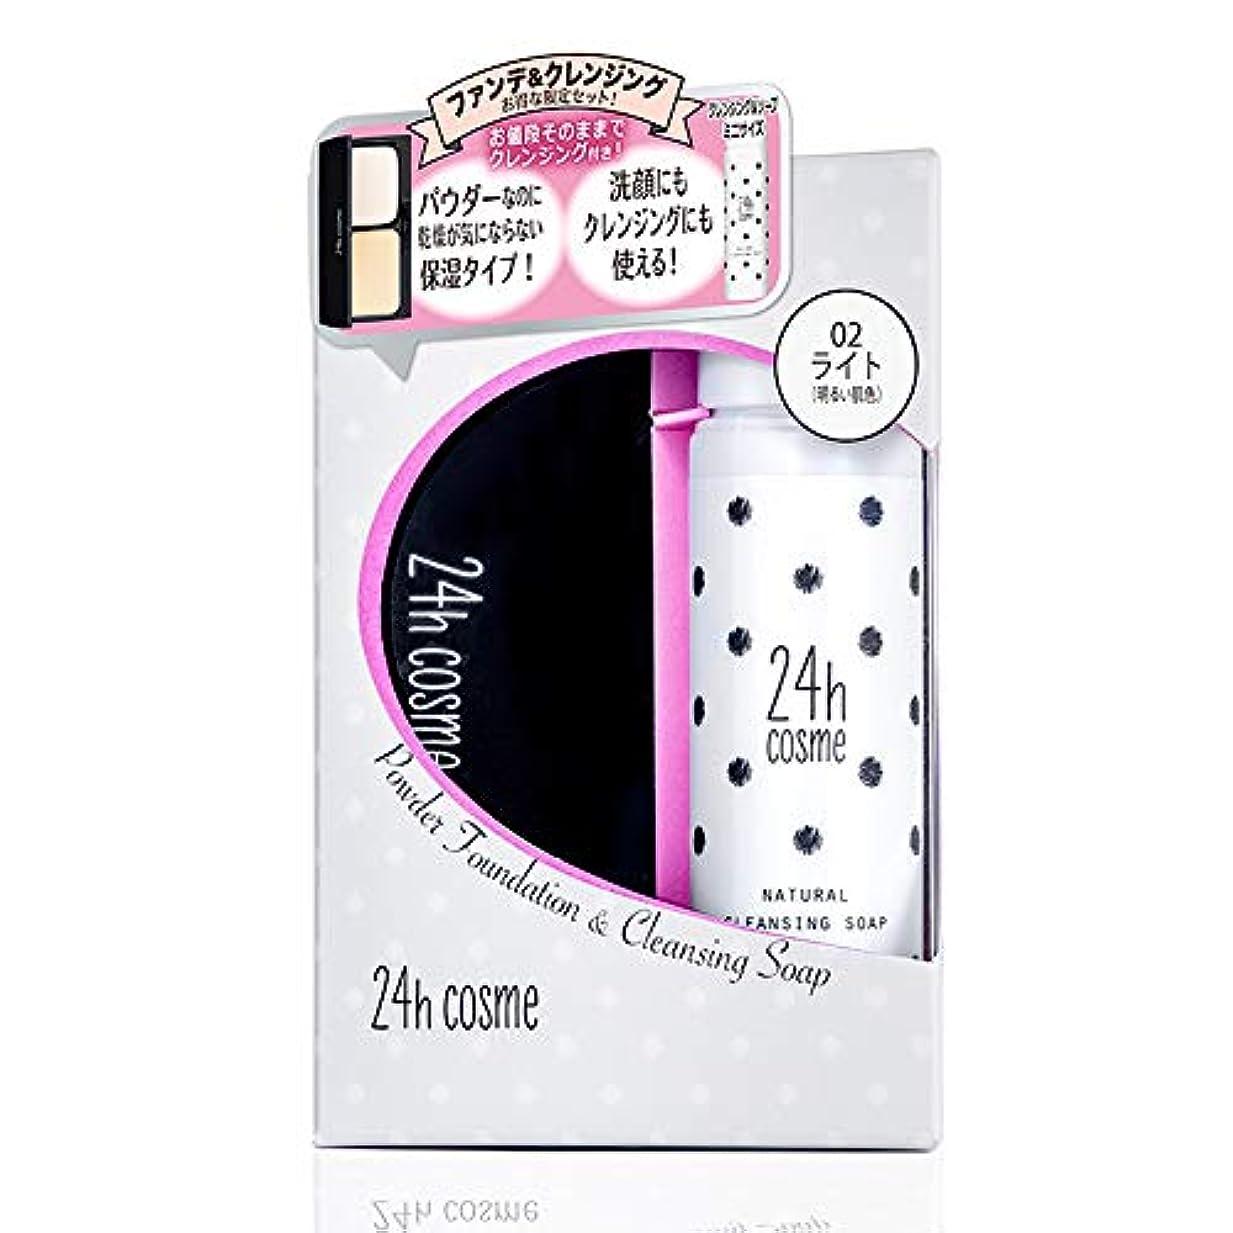 スタイル卵発見する24hcosme 24 ファンデ&クレンジング&ソープ限定セット 02 ライト